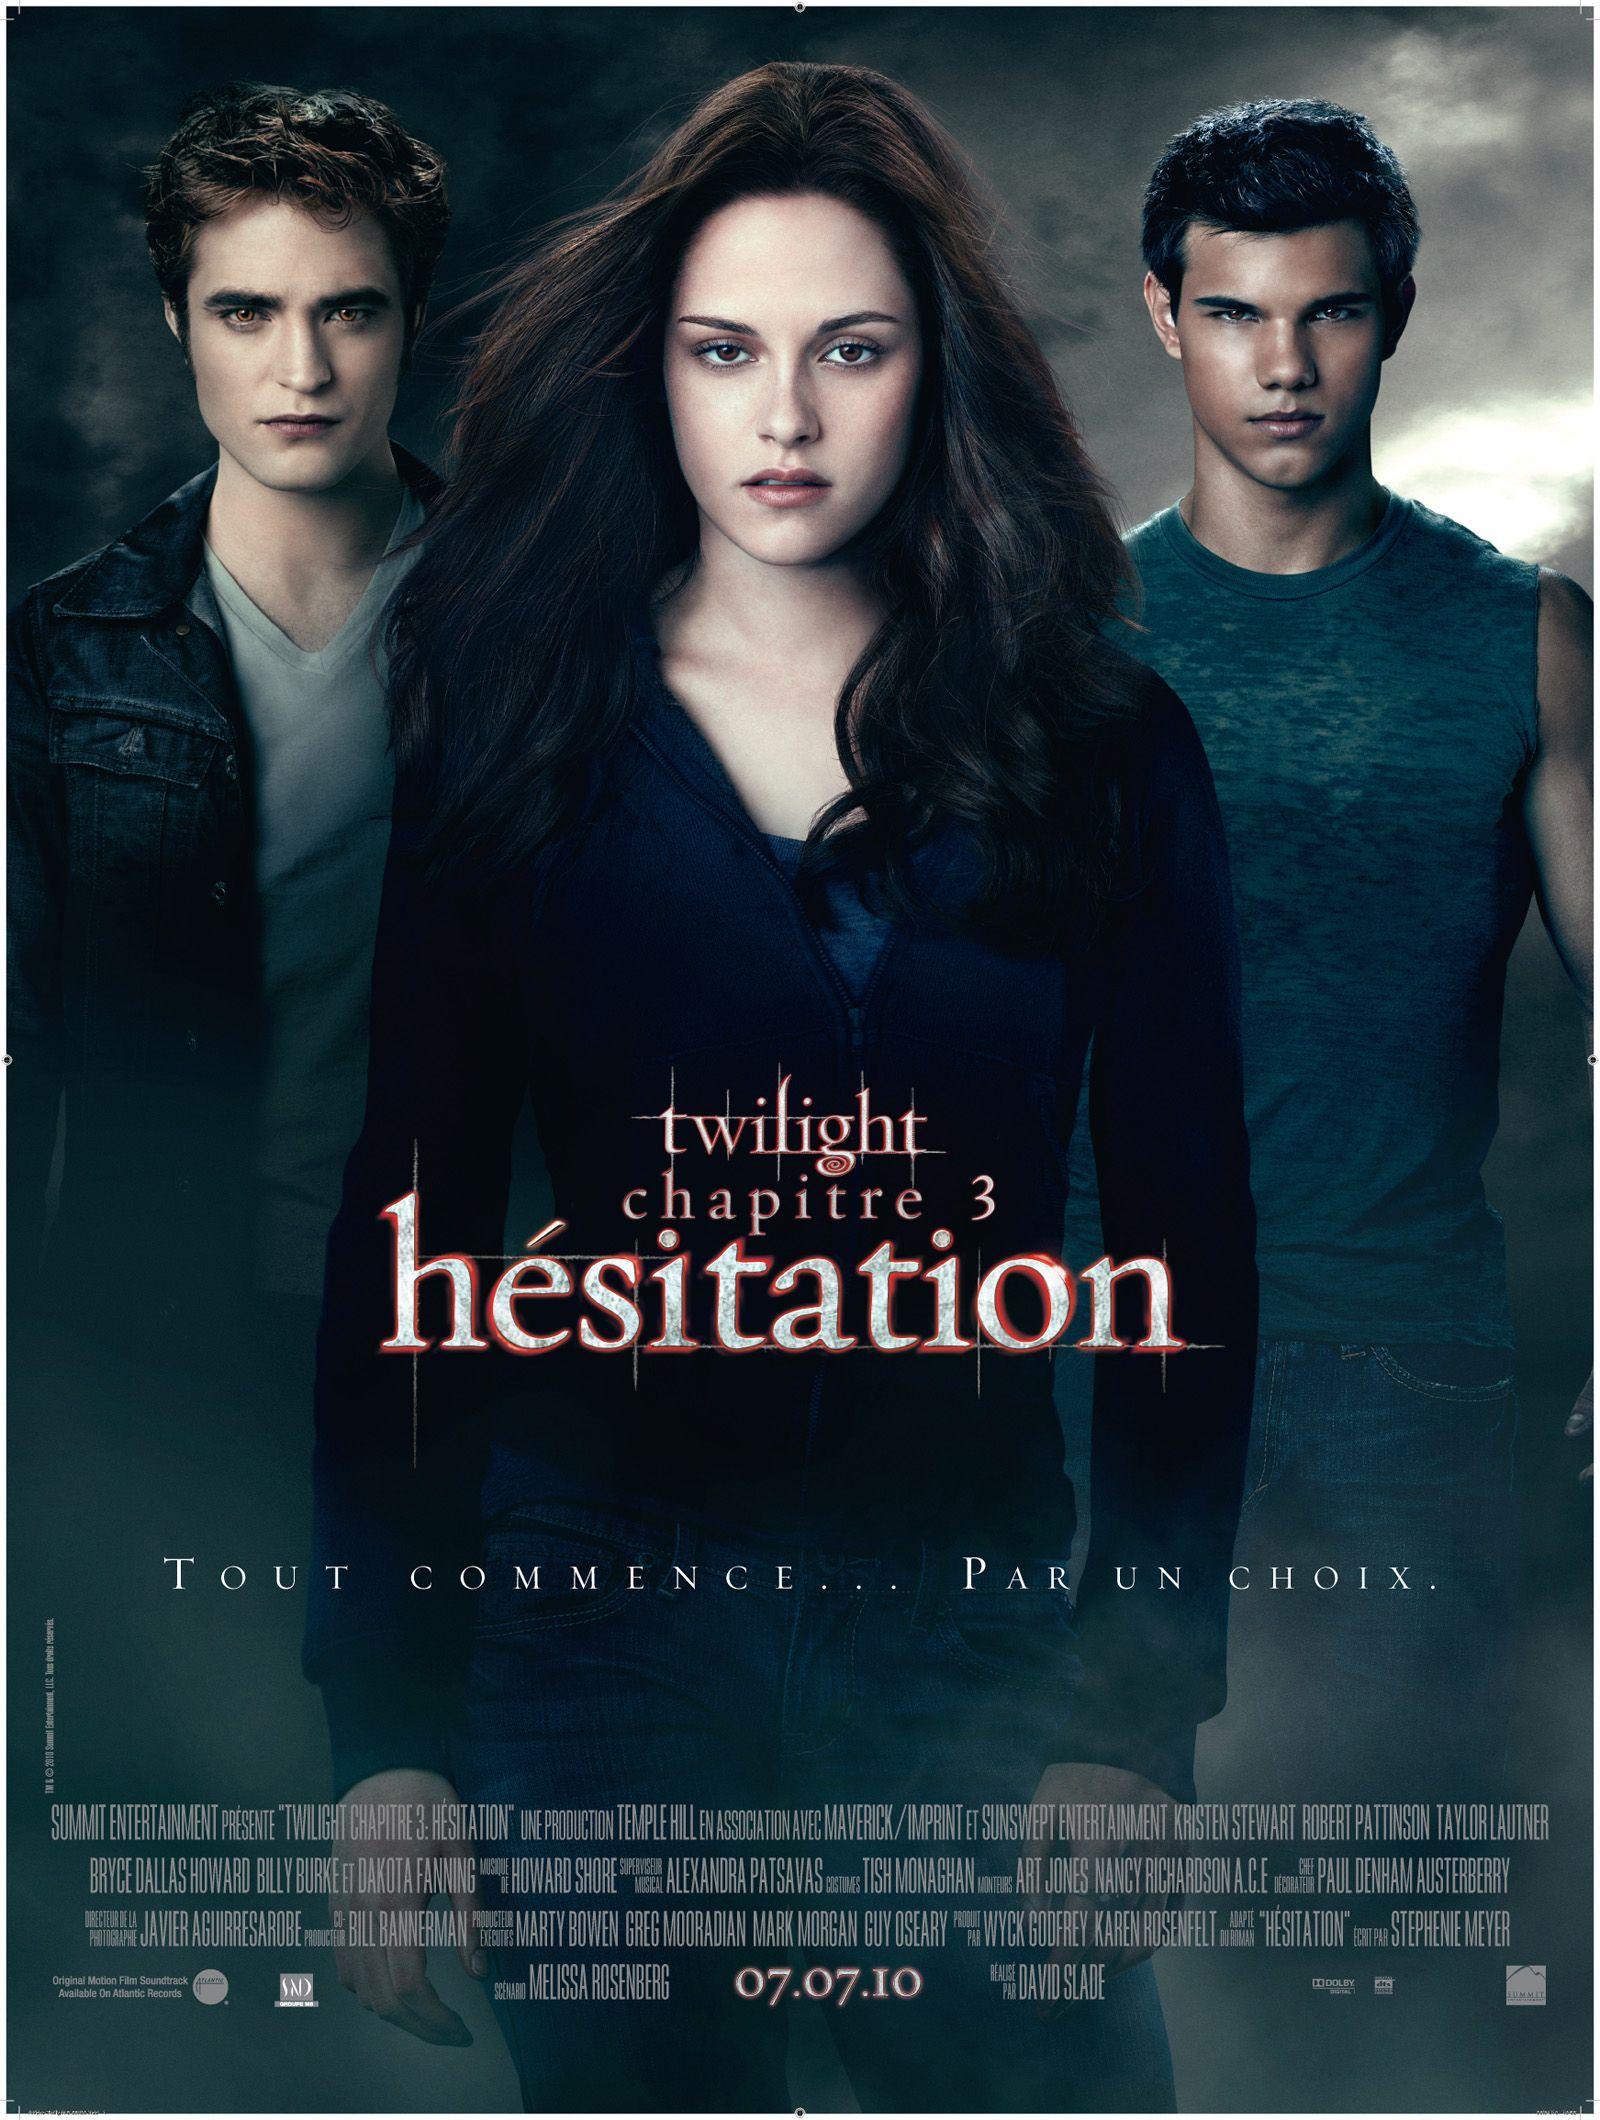 Twilight Affiches Film Recherche Google Twilight Movie The Twilight Saga Eclipse Movie Titles